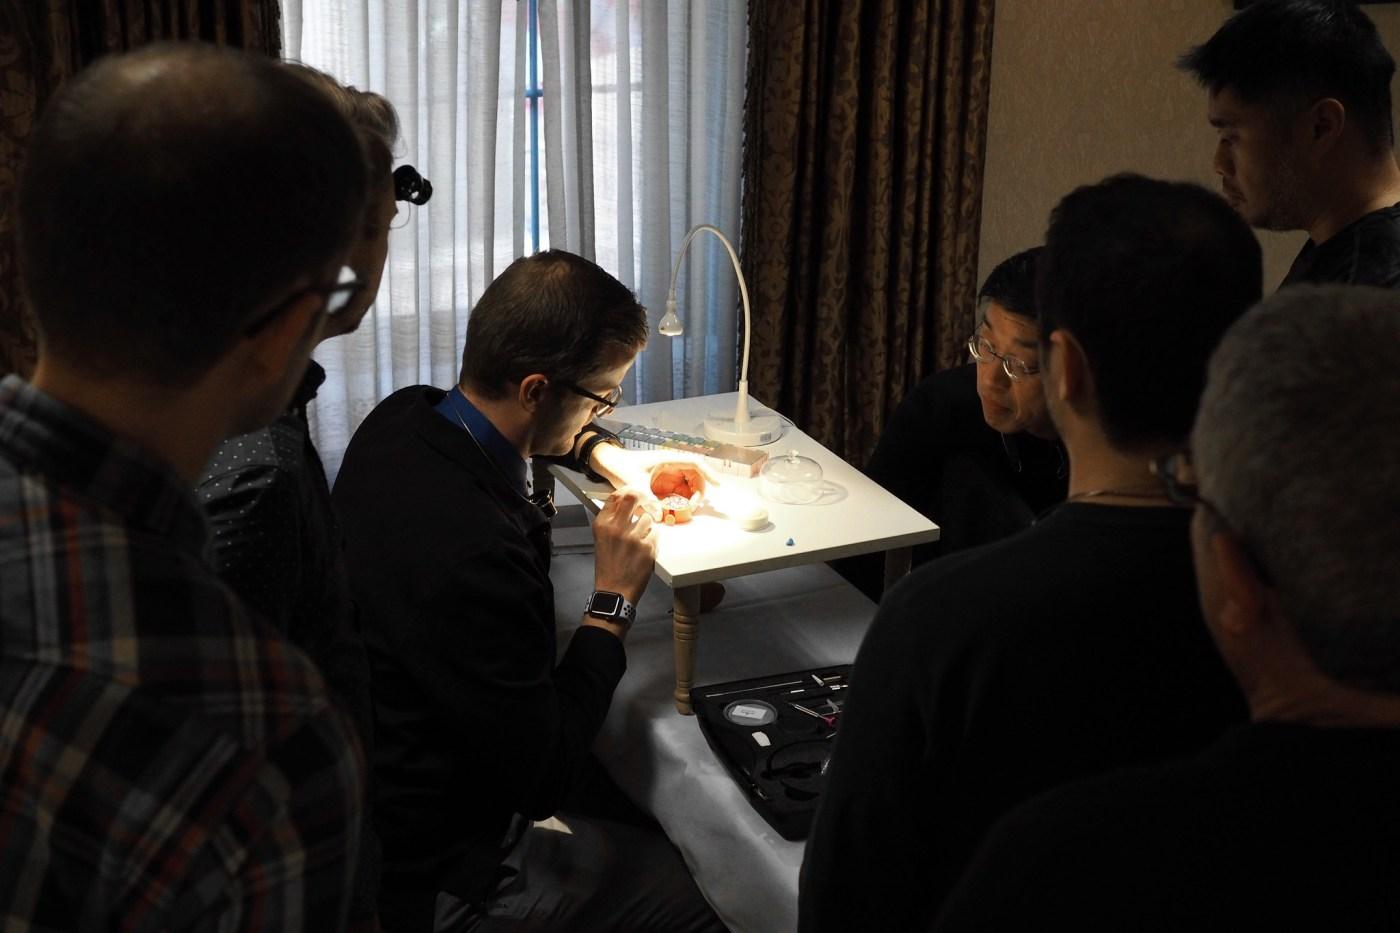 Aaron Recksiek demonstrating process to students